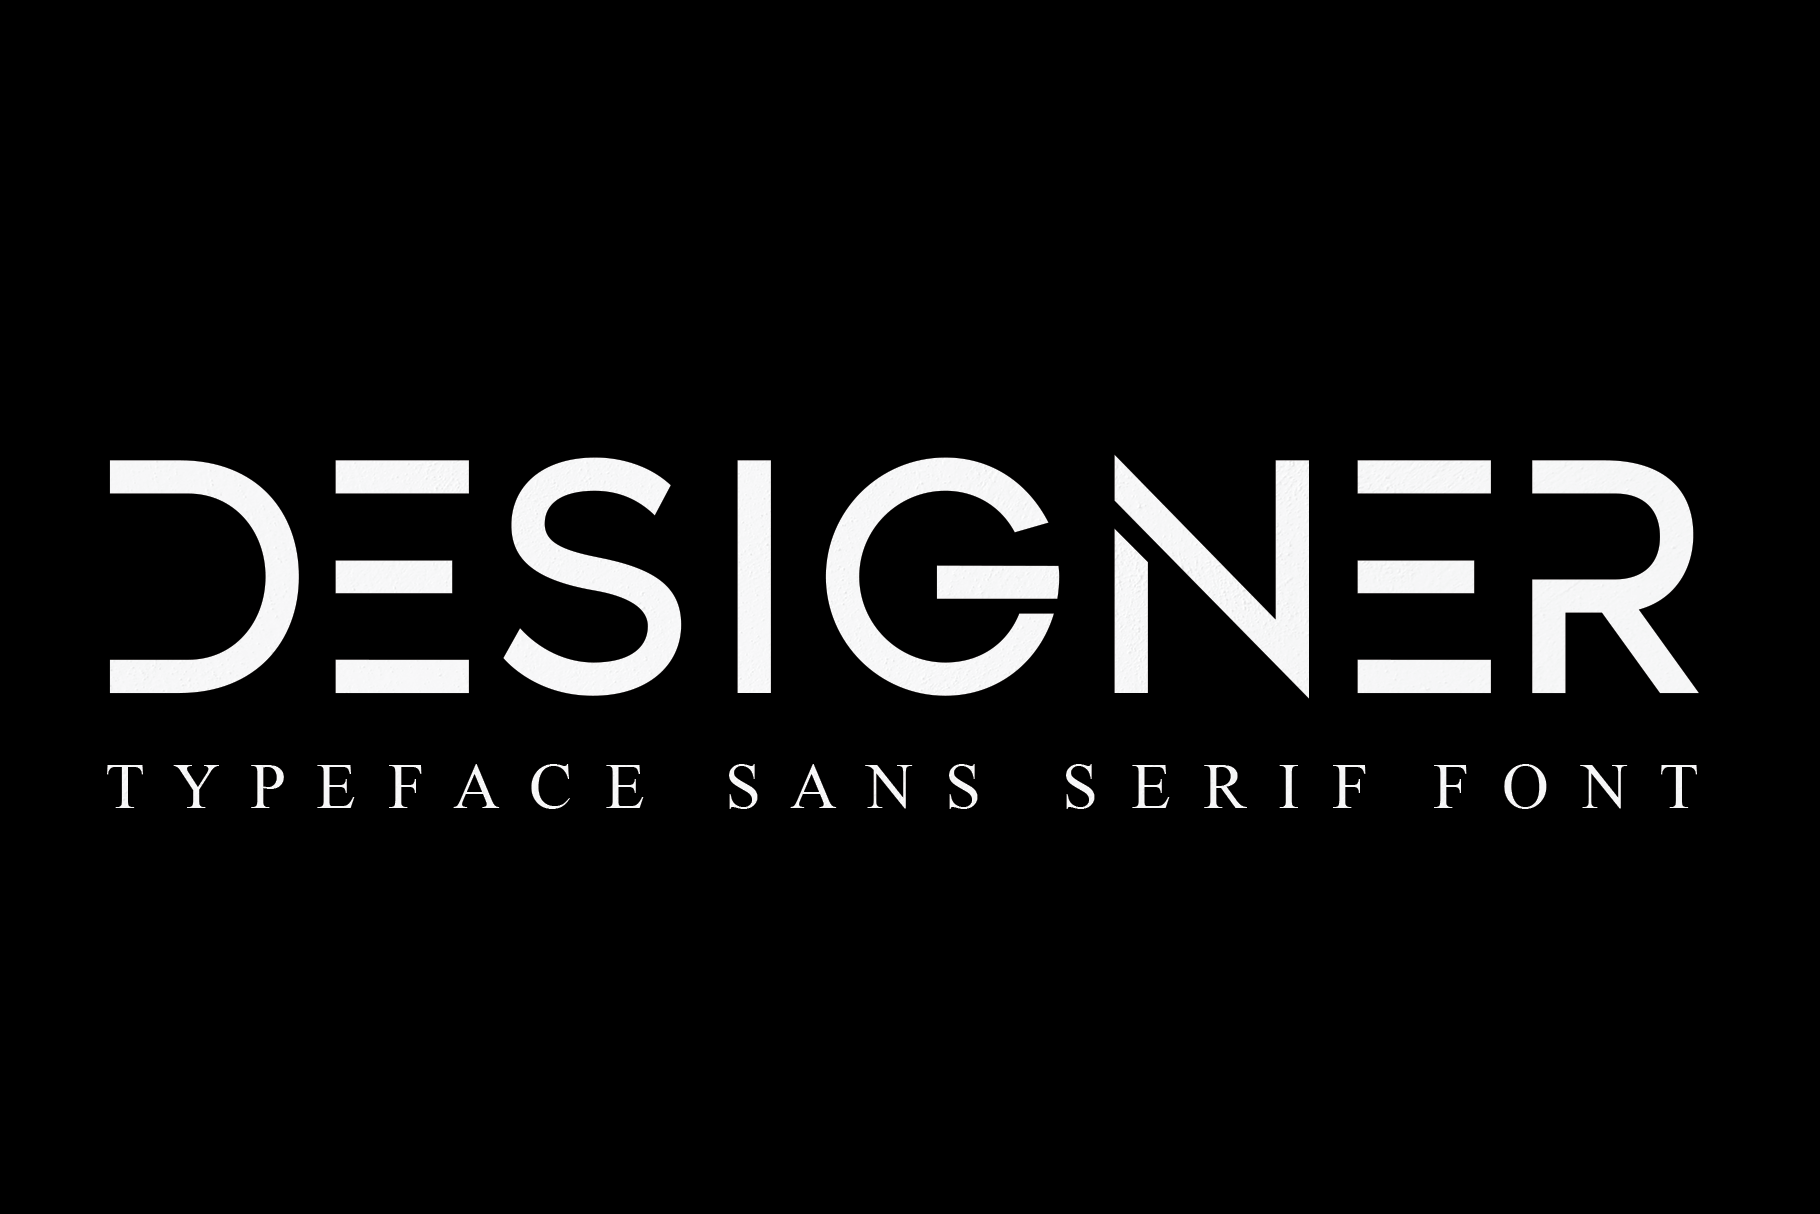 DESIGNER-Typeface